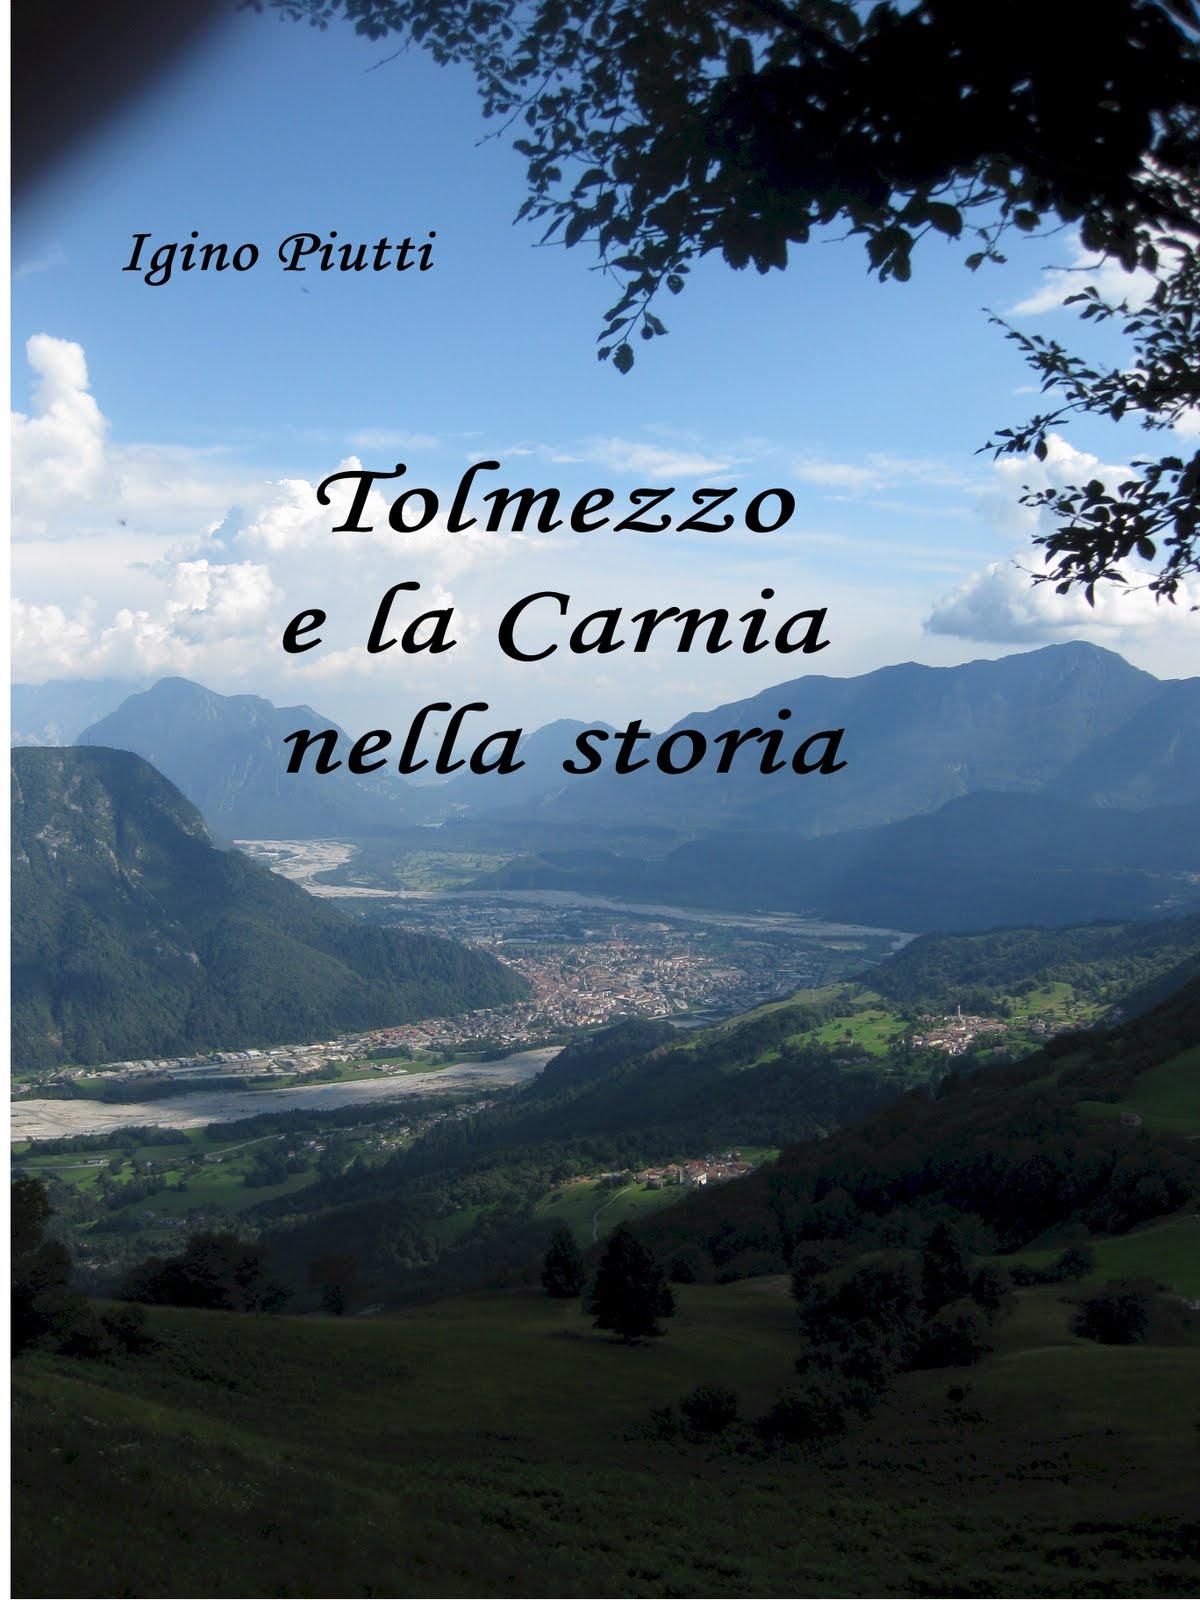 Tolmezzo e la Carnia nella storia.  Tolmezzo e la Carnia nella storia. b514f68f888f